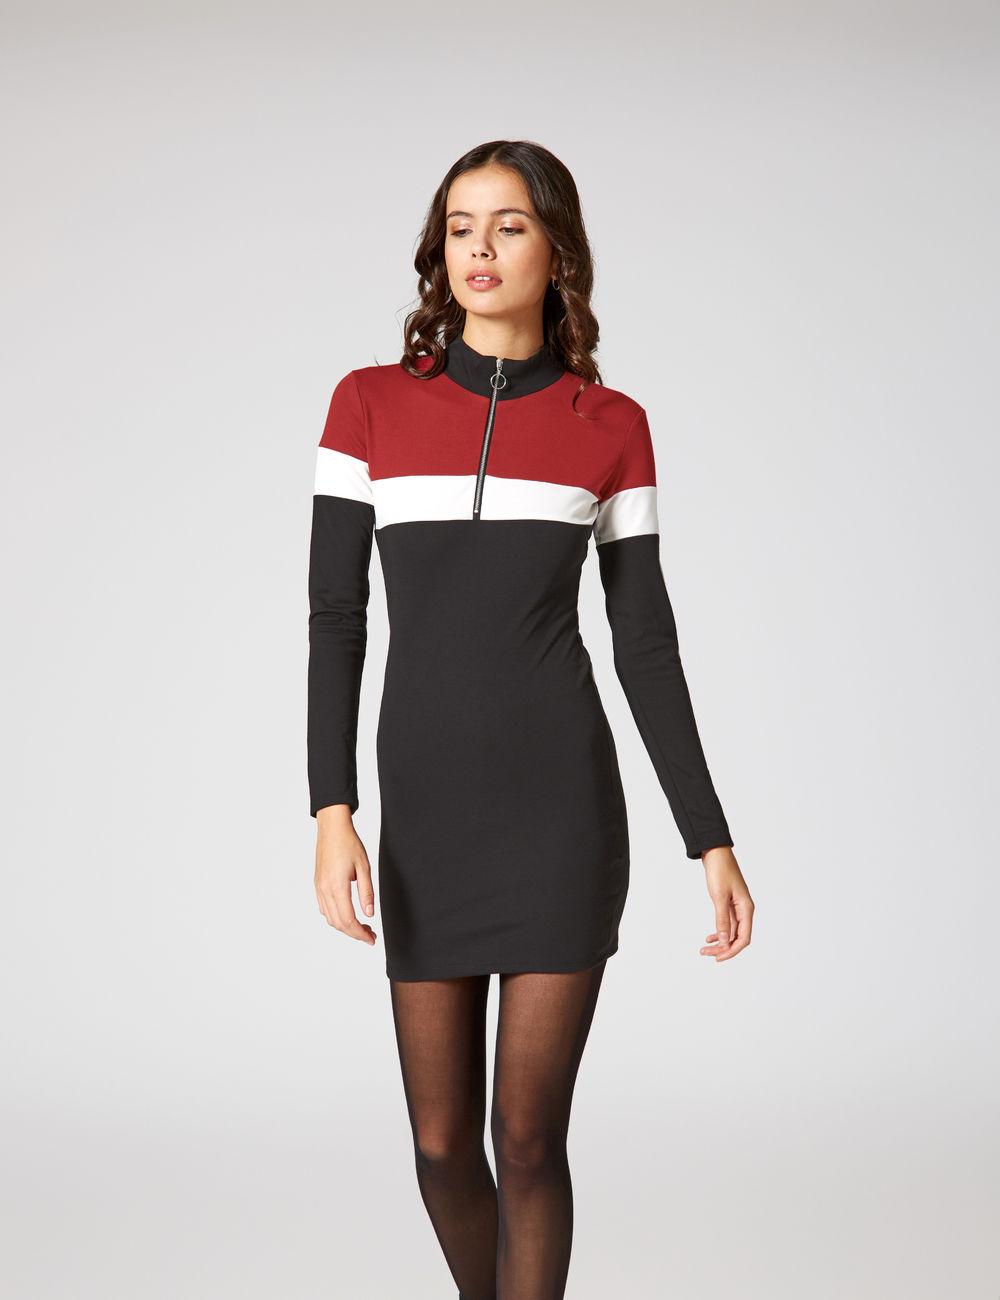 robe tricolore zippée noire, blanche et bordeaux Jennyfer prix 17,99 €